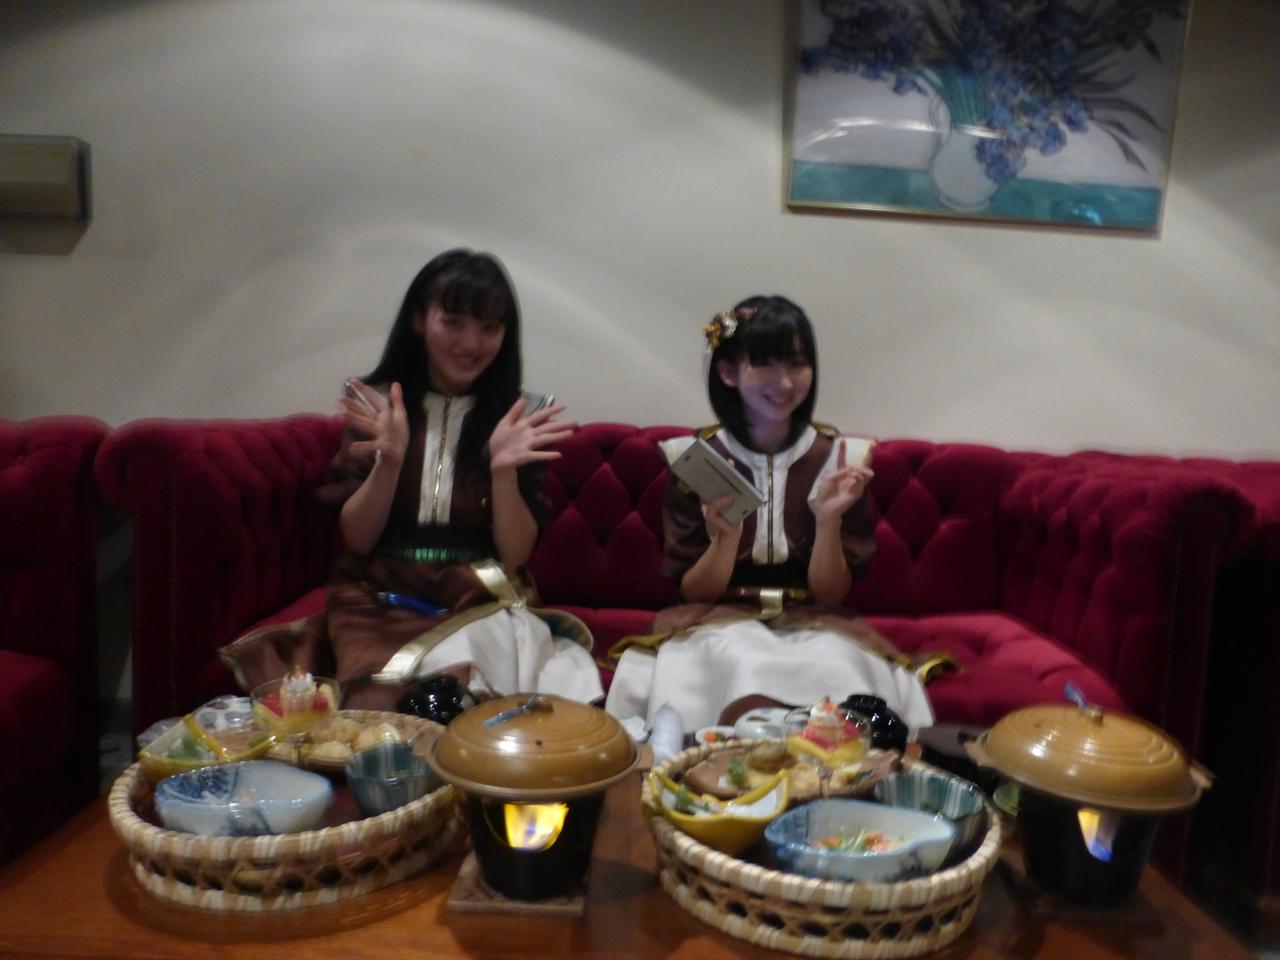 お昼は遊園地に併設されている城島高原ホテルのレストランでこんな豪華なおもてなし!(愛/きいな)